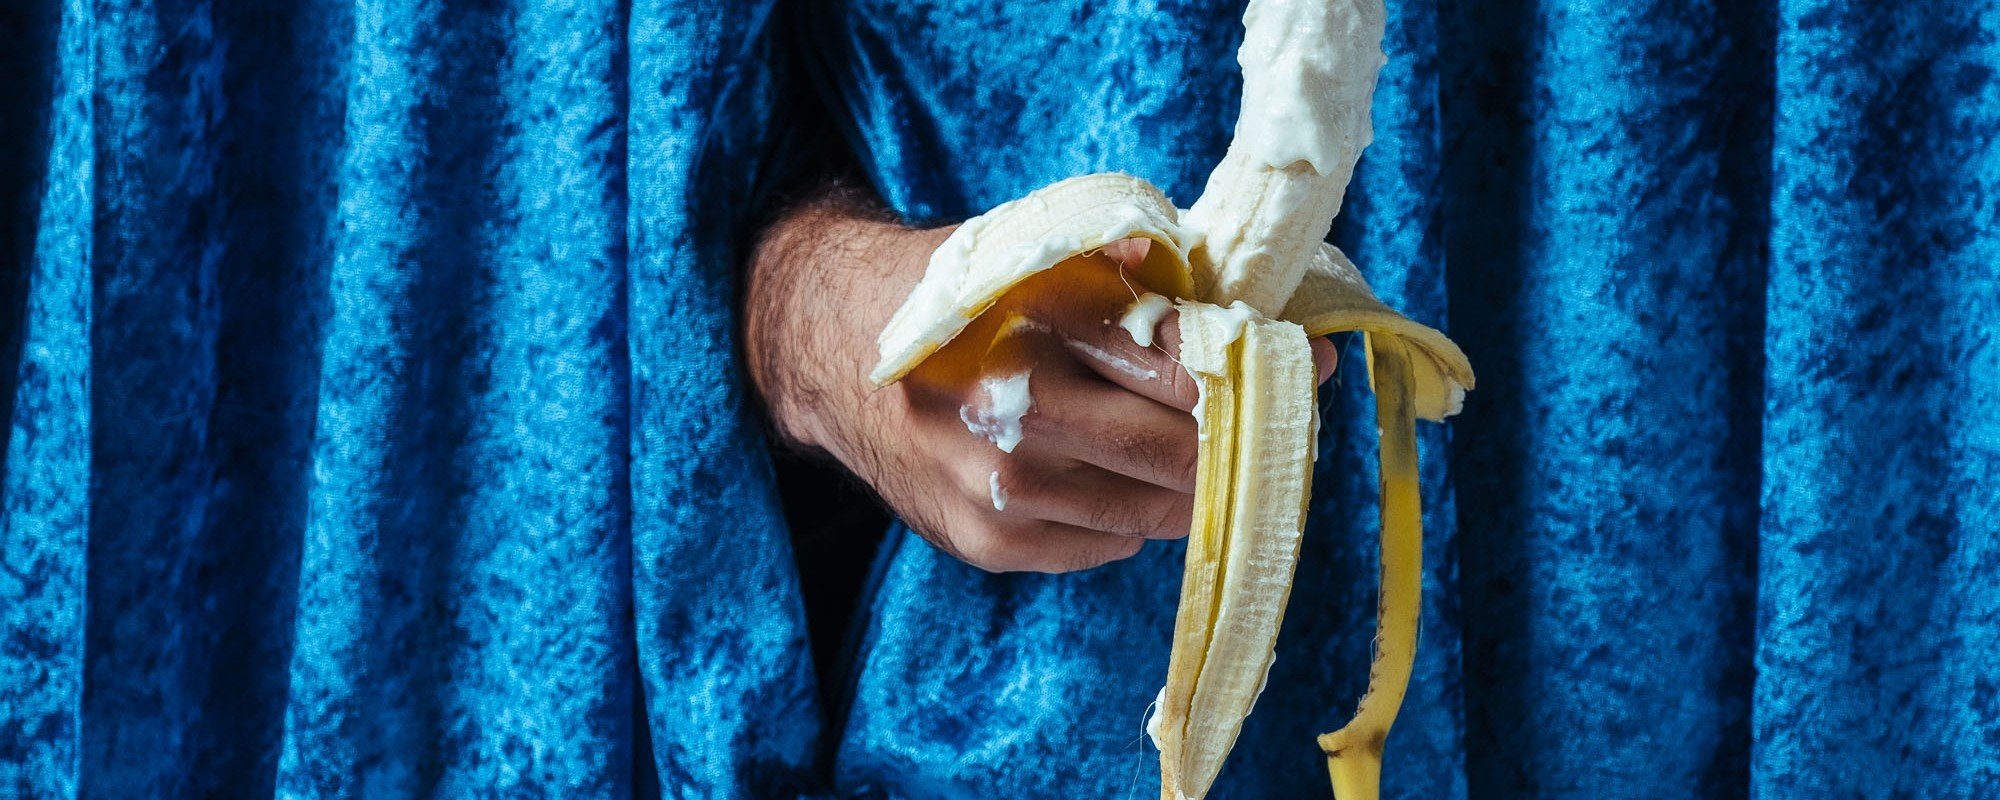 Nos Masturvamos En El Sofa Porno Casero vice - varias personas nos cuentan cómo fue su primera paja